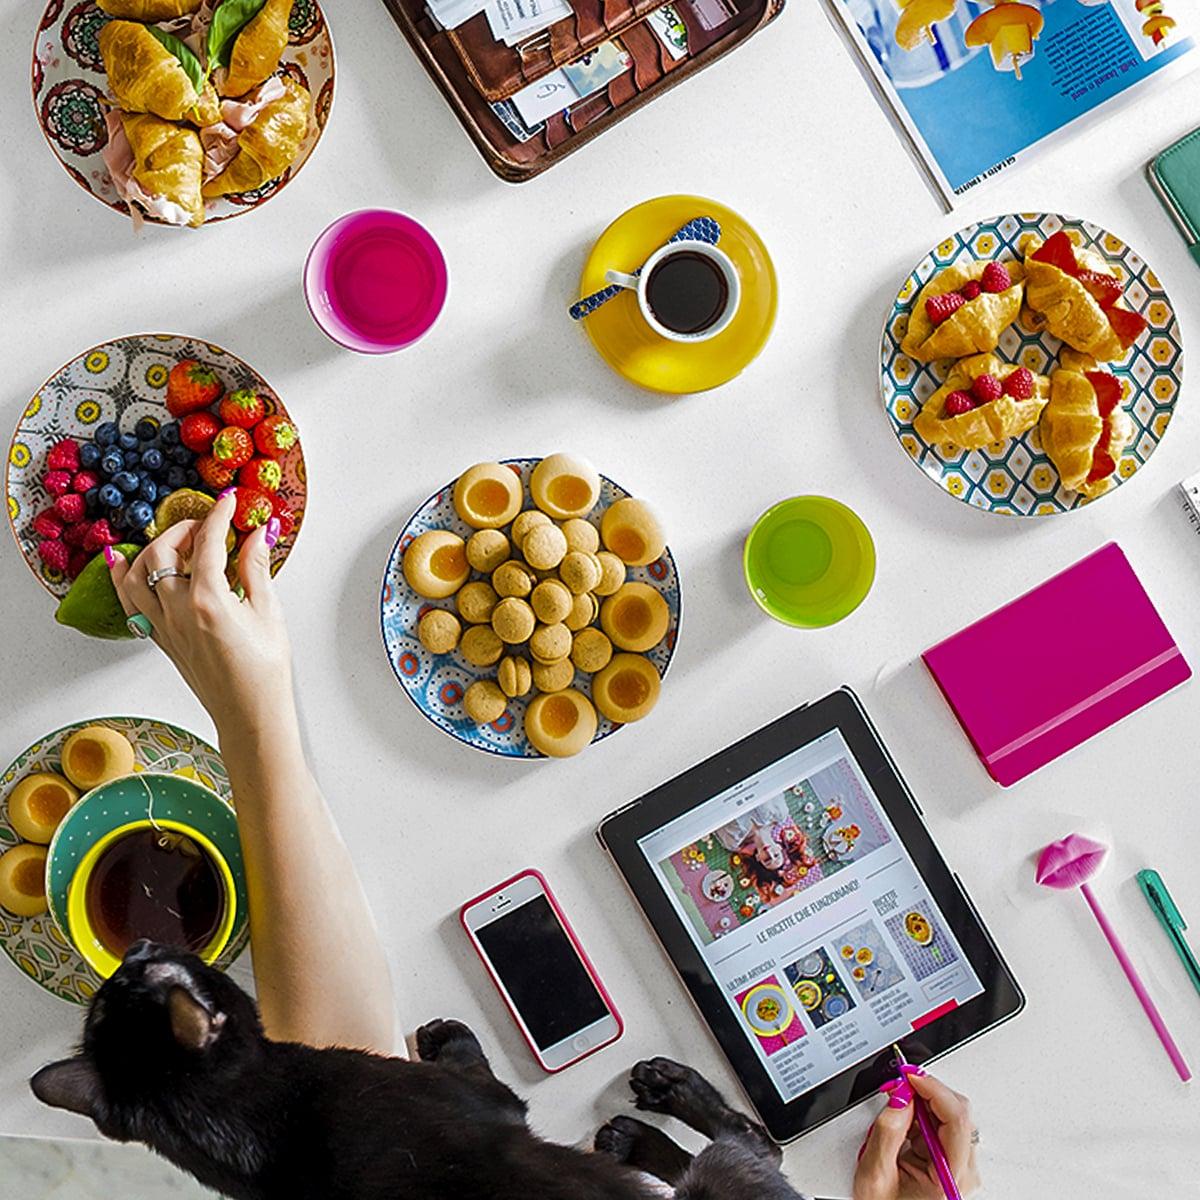 servizi-copywriting-aziende-produttori-supermercati-riviste-blog-cristina-saglietti-contemporaneo-food-foodwriter-torino